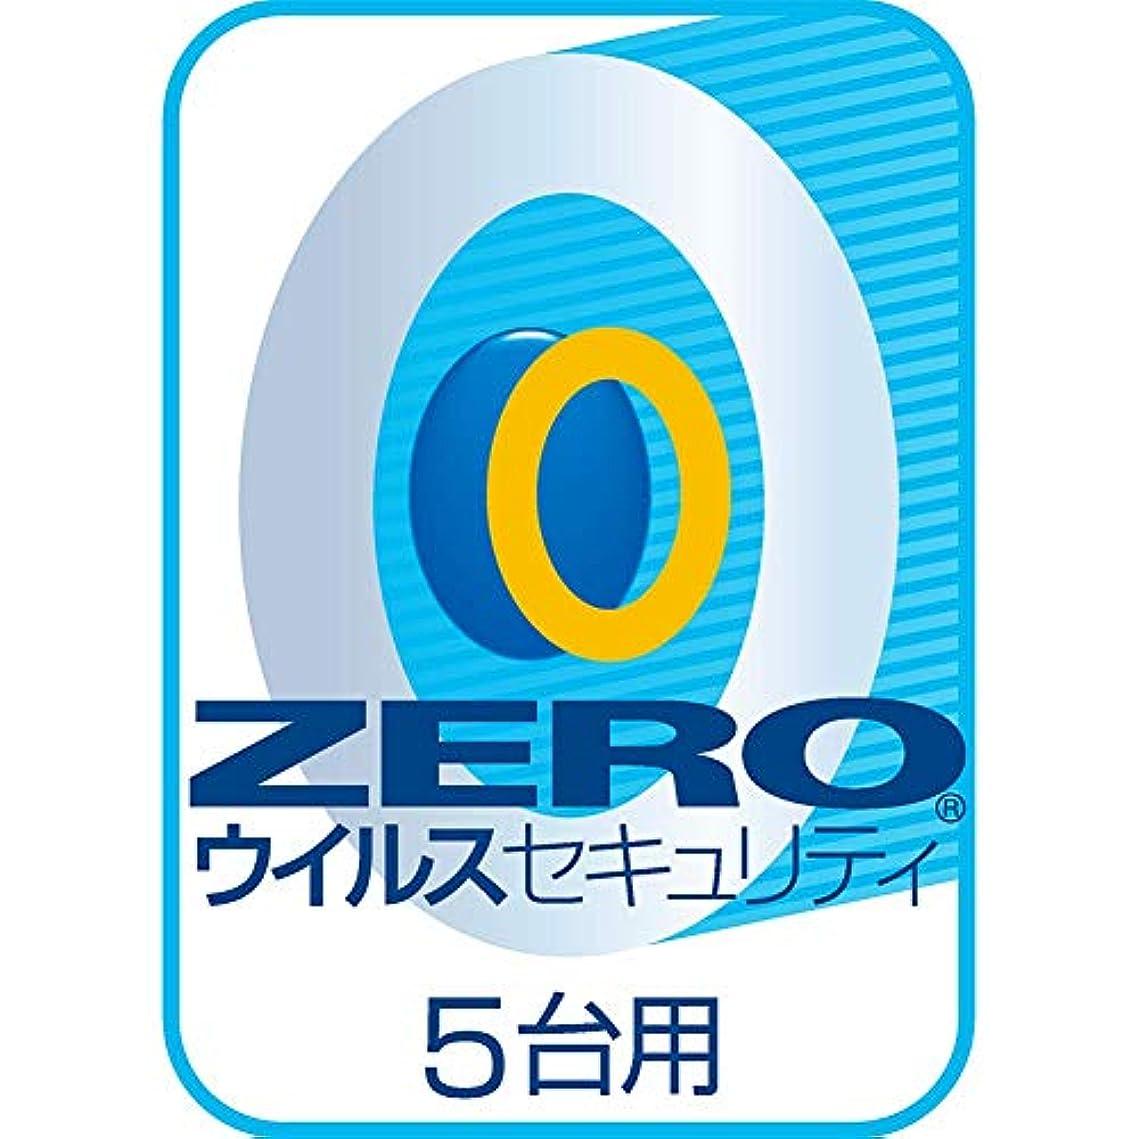 彫刻家ブランデー踊り子ZERO ウイルスセキュリティ 5台用 4OS  (最新) Win/Mac/iOS/Android|ダウンロード版